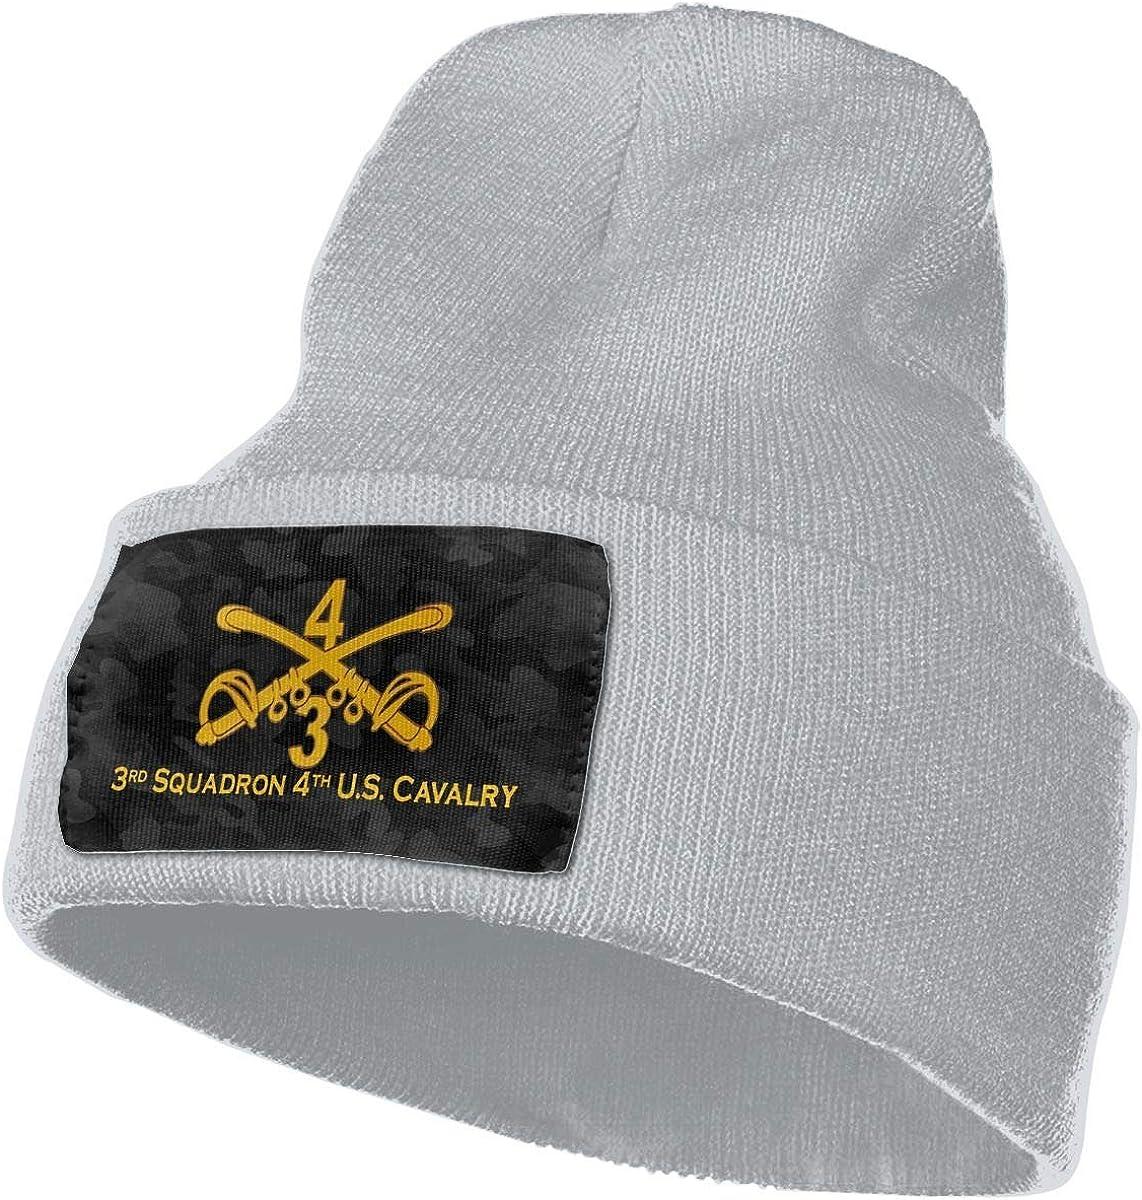 Hdadwy 3er Escuadrón 4o Caballería de EE. UU. para Hombre y para Mujer Gorro de Punto Gorro de Calavera Gorro de Invierno cálido y Suave Gorro de esquí